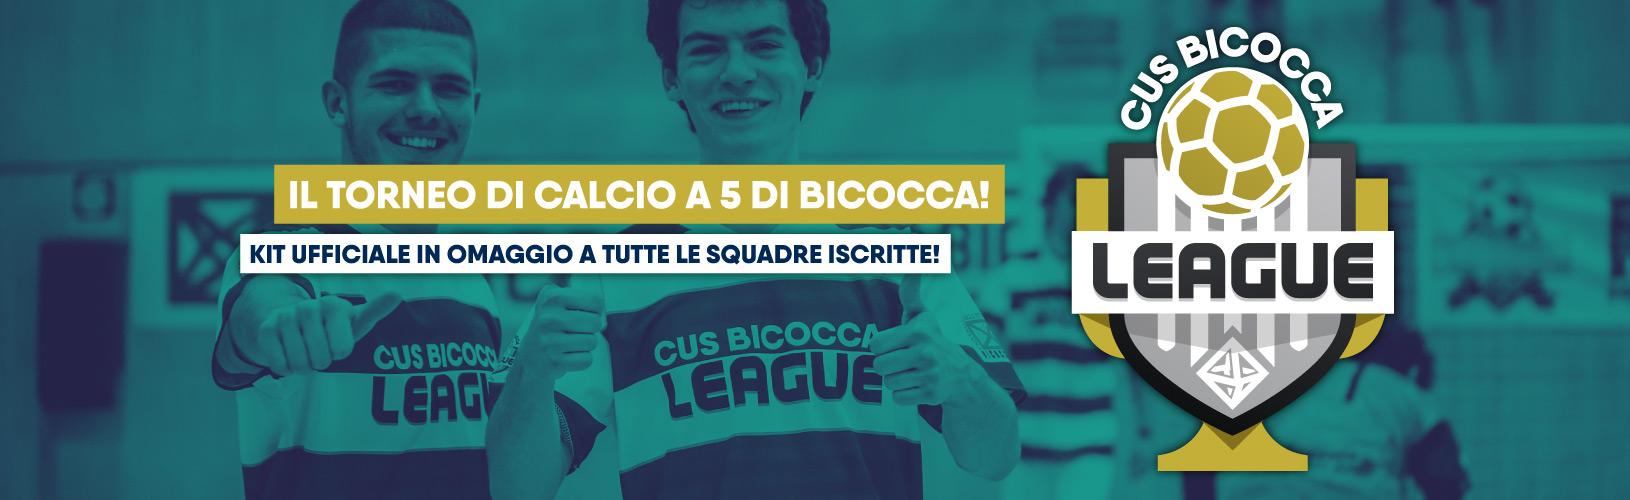 CUS Bicocca League 2019